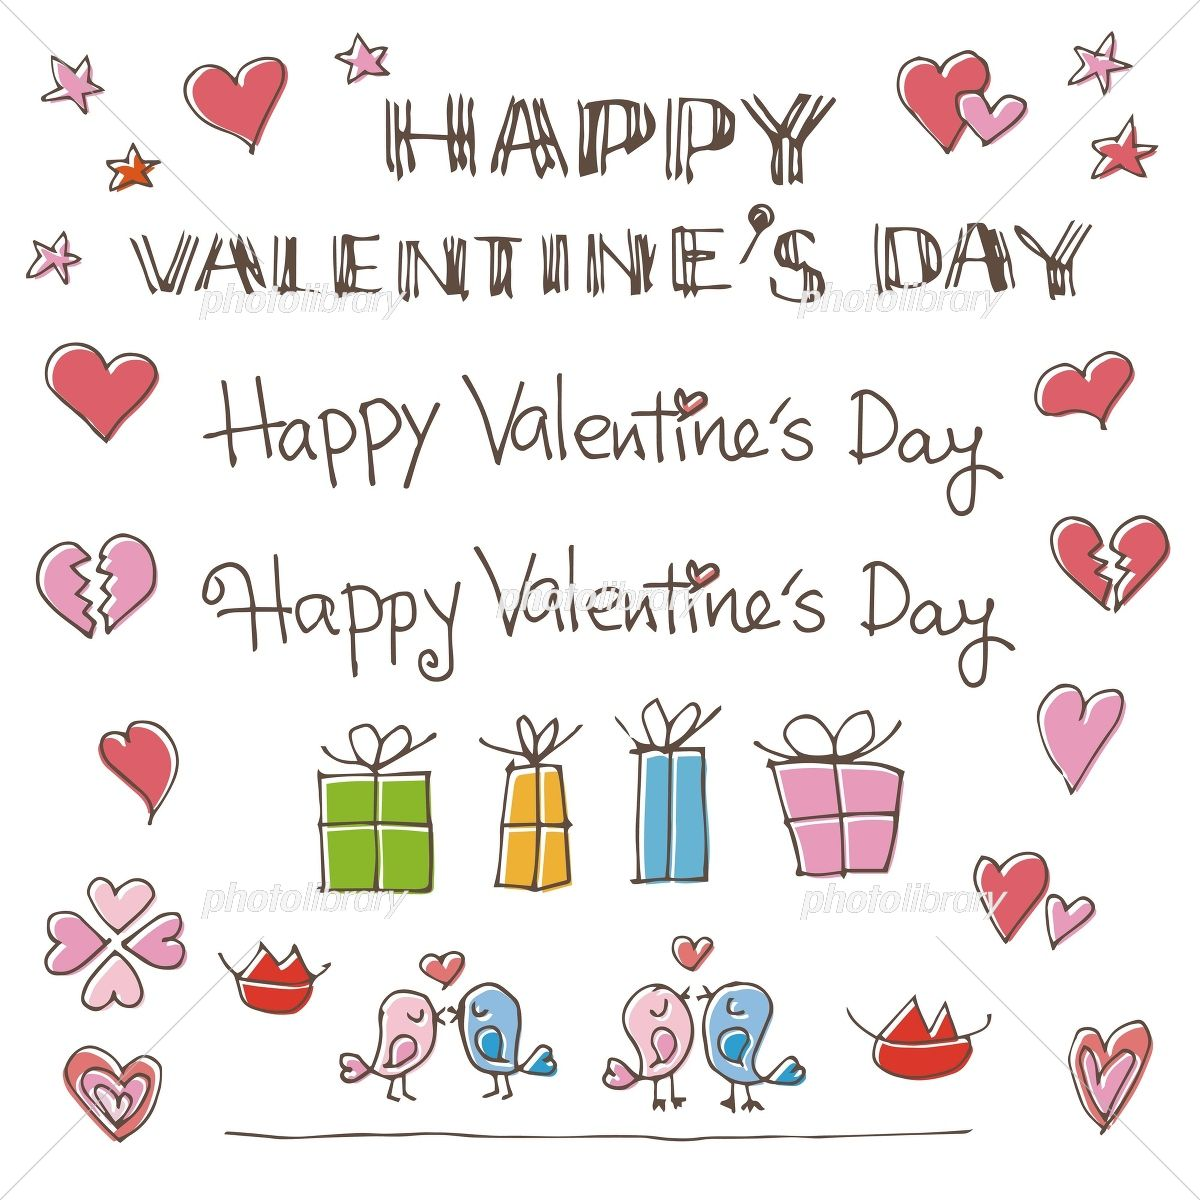 バレンタインの手書きイラスト素材ハート ギフトボックス 小鳥 英文字